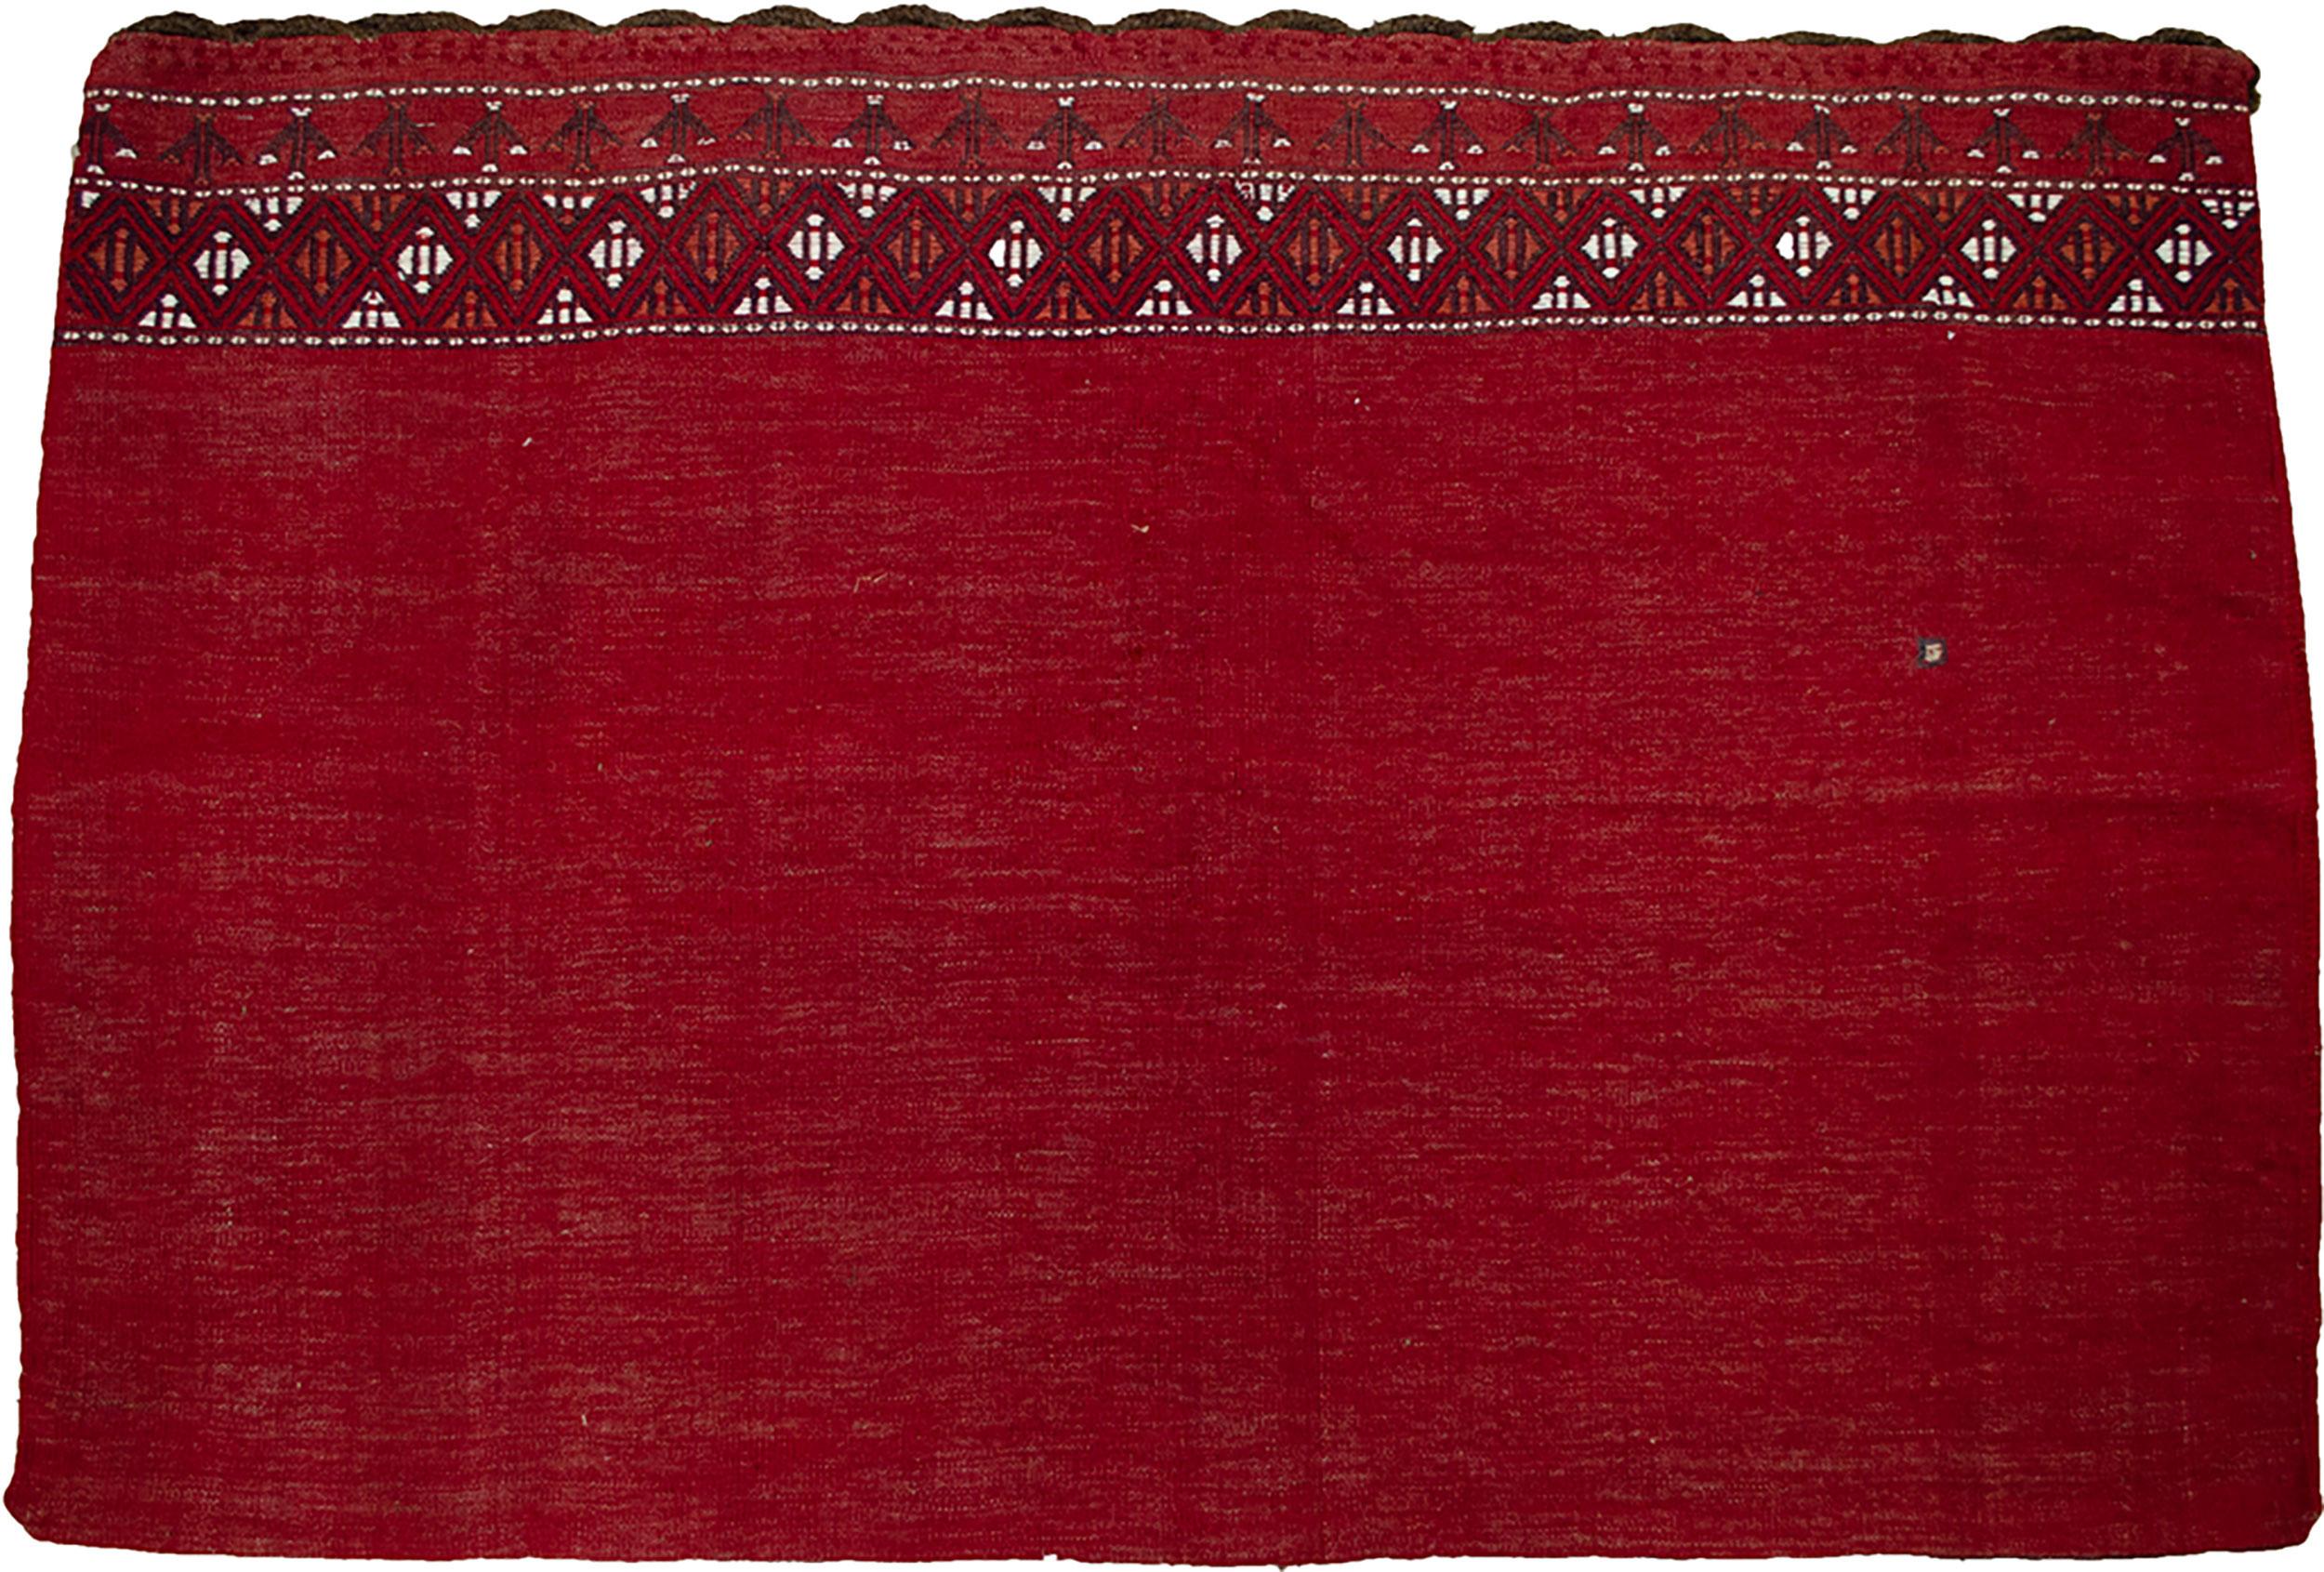 Vintage Northeast Persian Tobreh 90x140cm